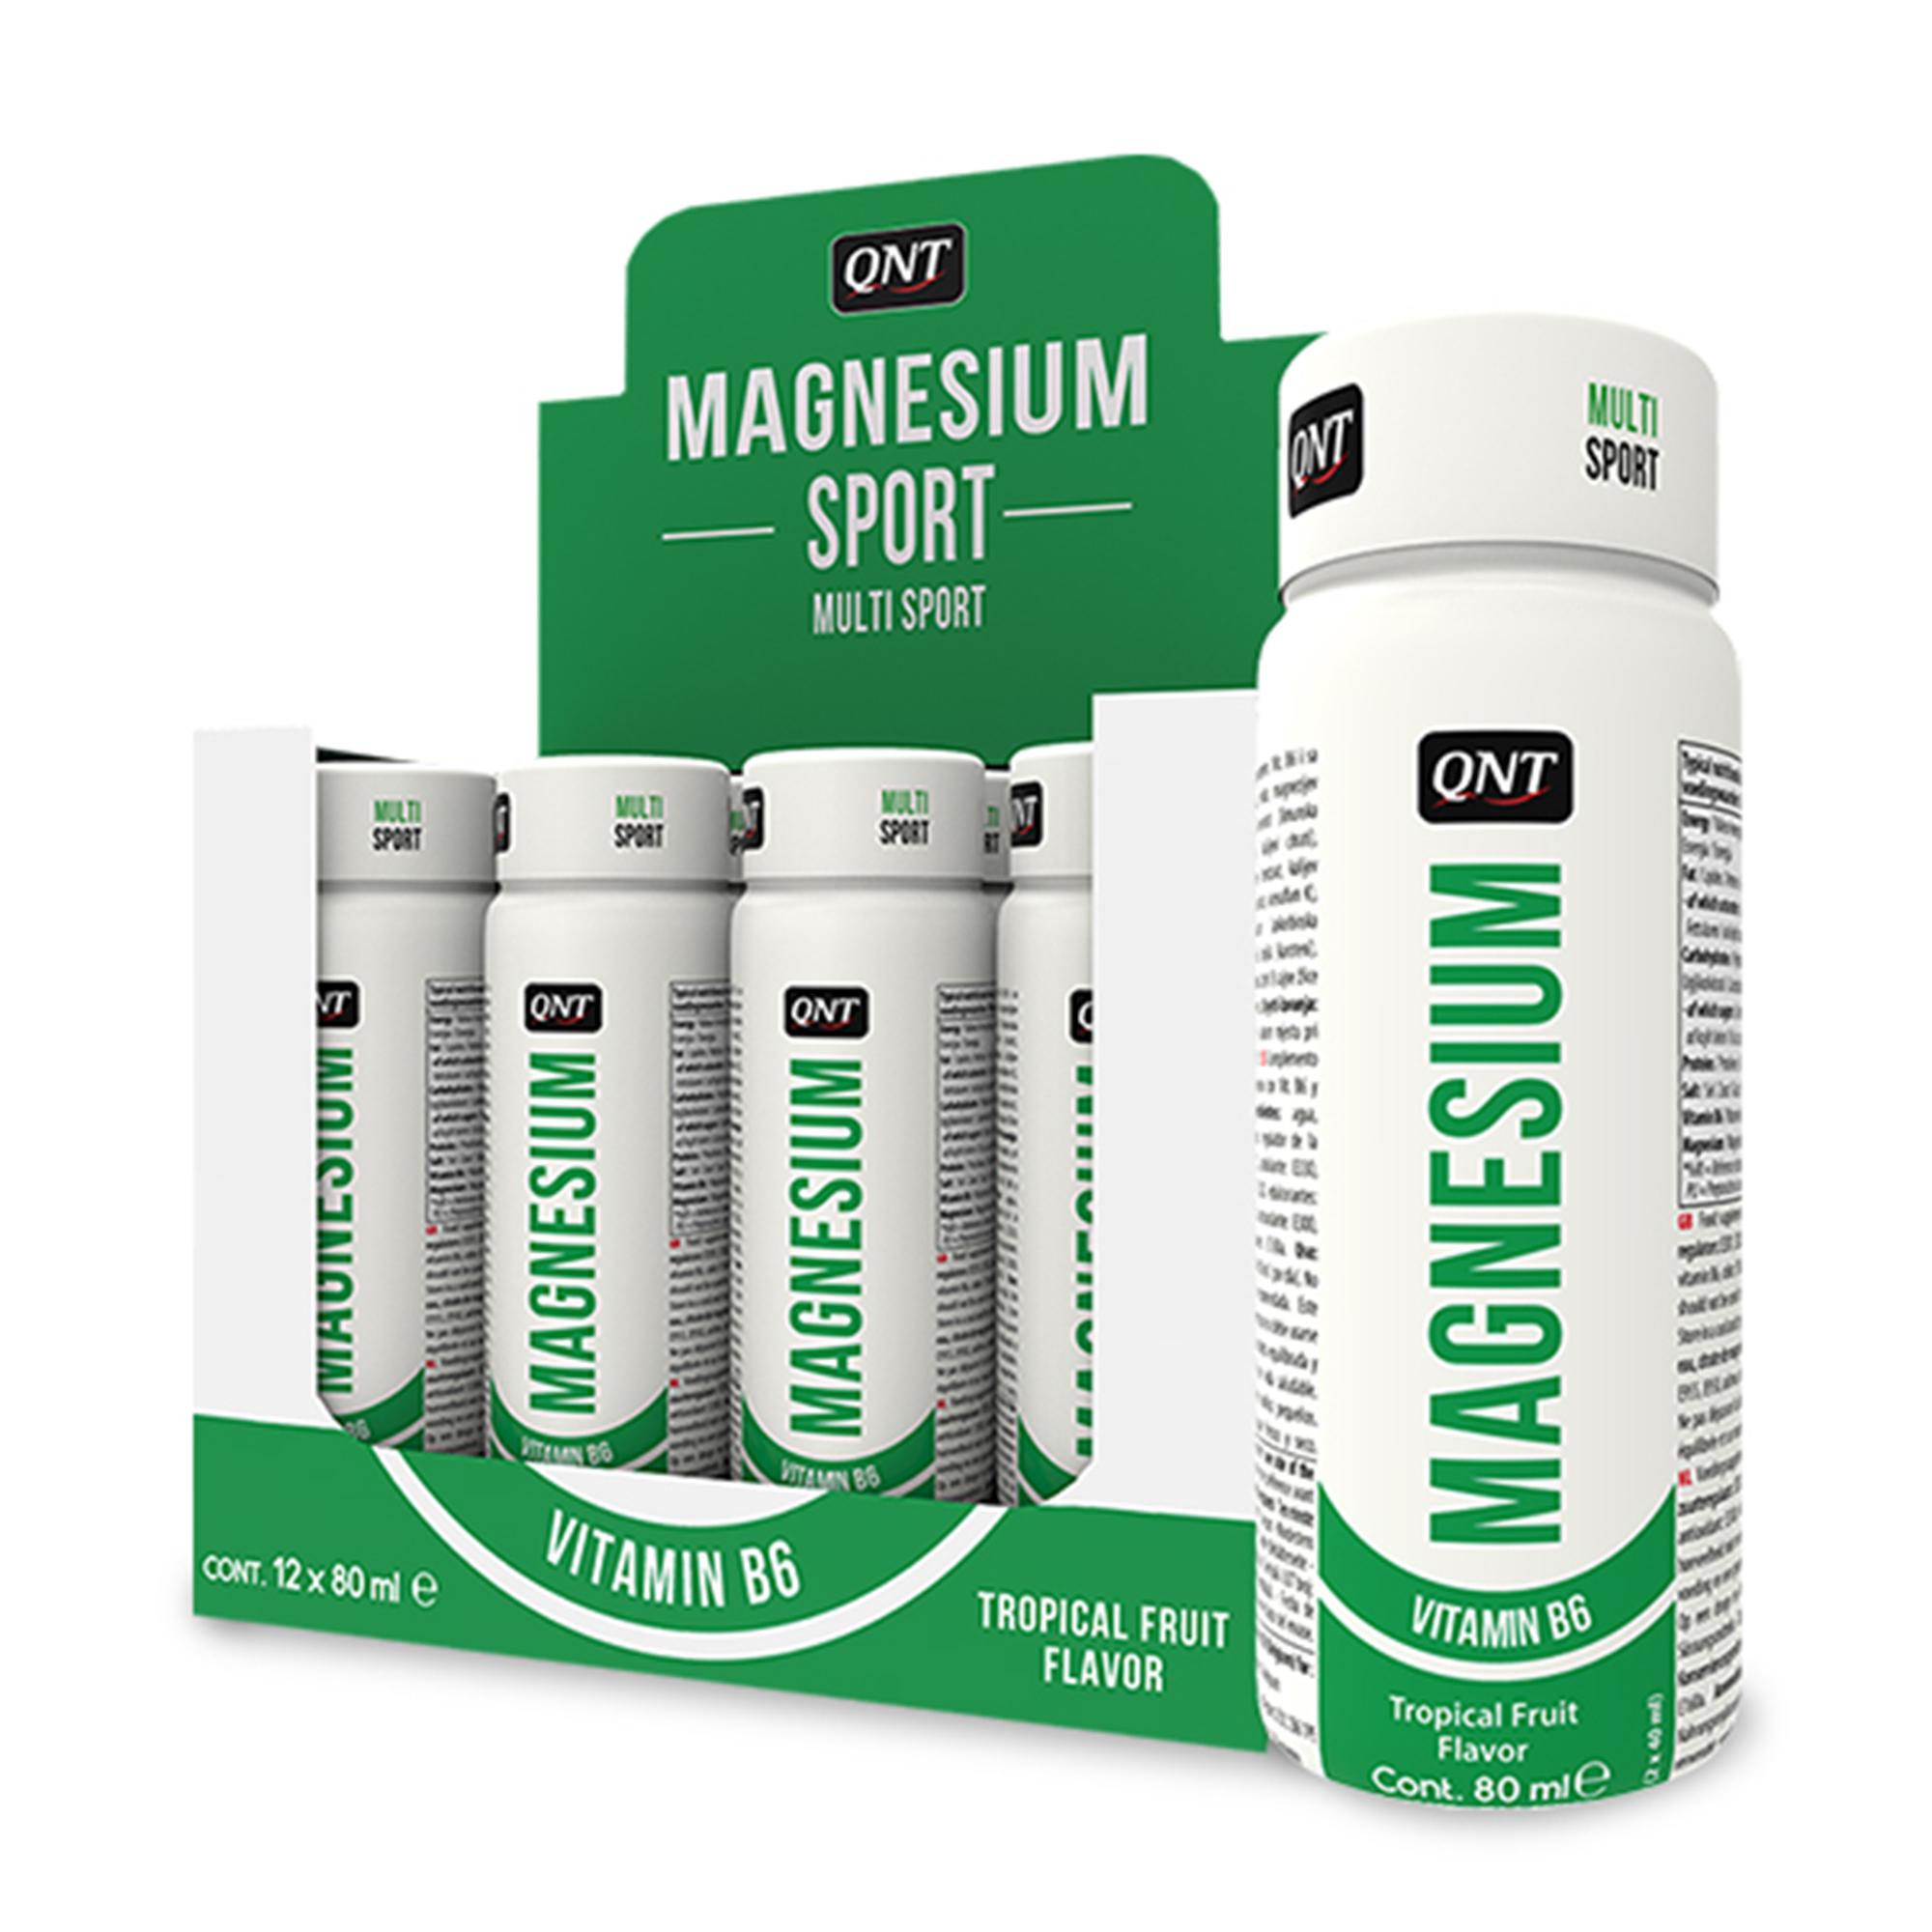 QNT Добавка биологически активная к пище Магний витамин В6, тропические фрукты / Magnesium Vitamin B6 Tropical Fruit flavor 12 х 80 мл